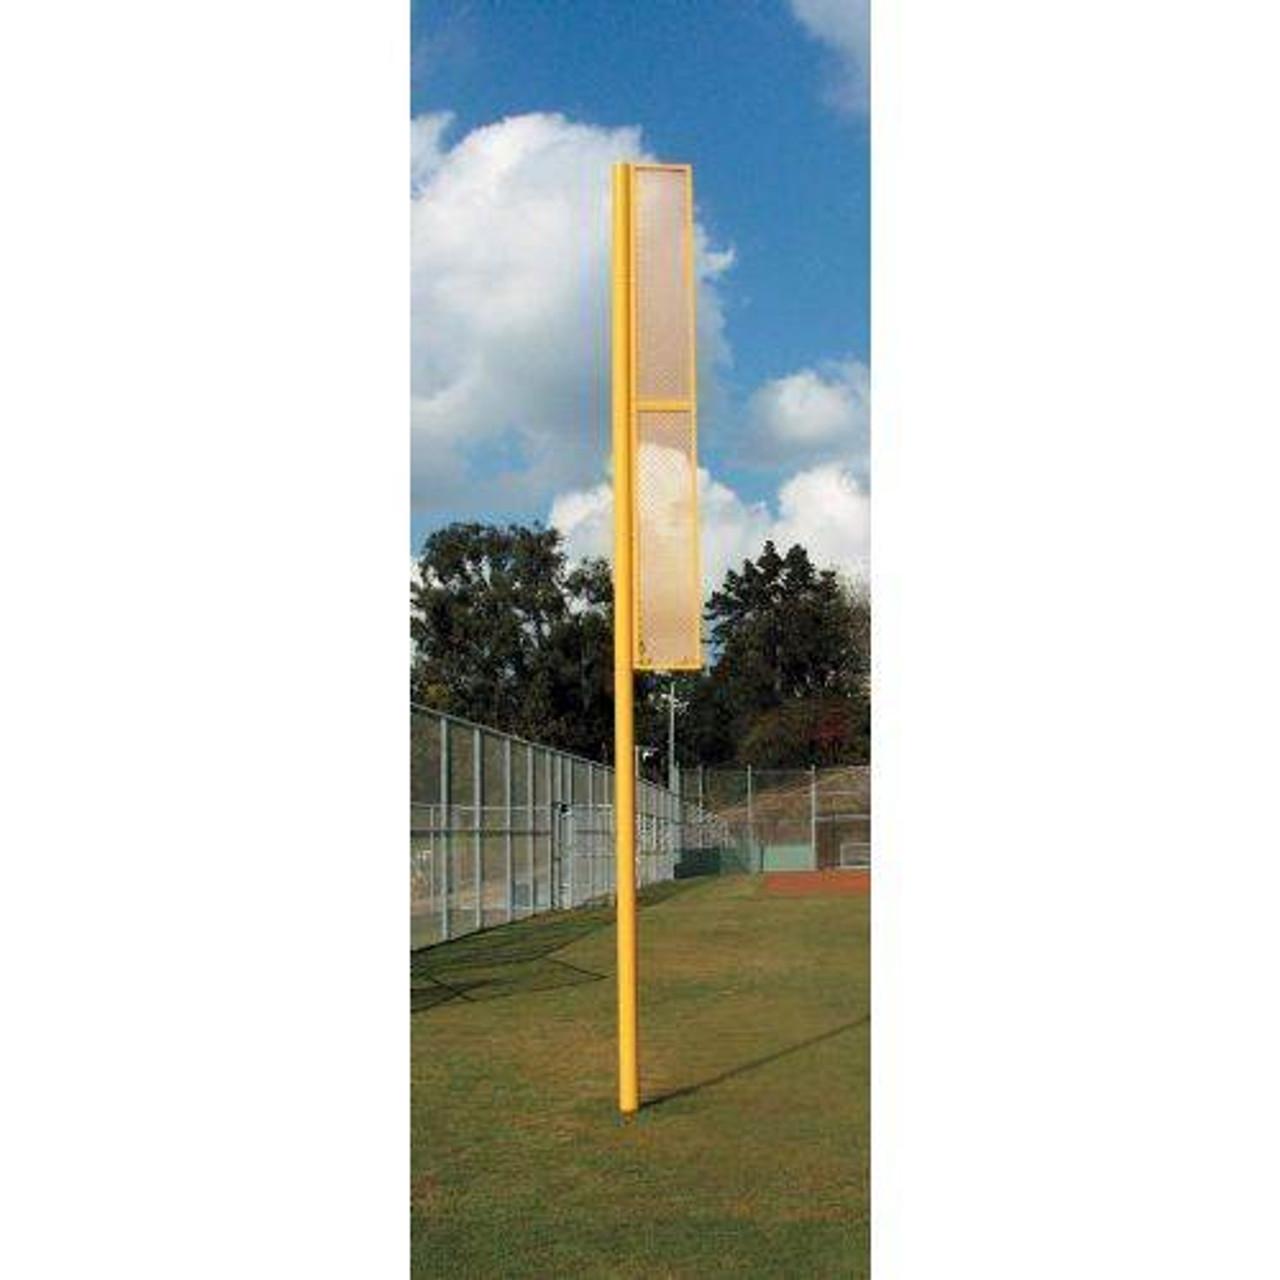 Professional 15' Foul Pole